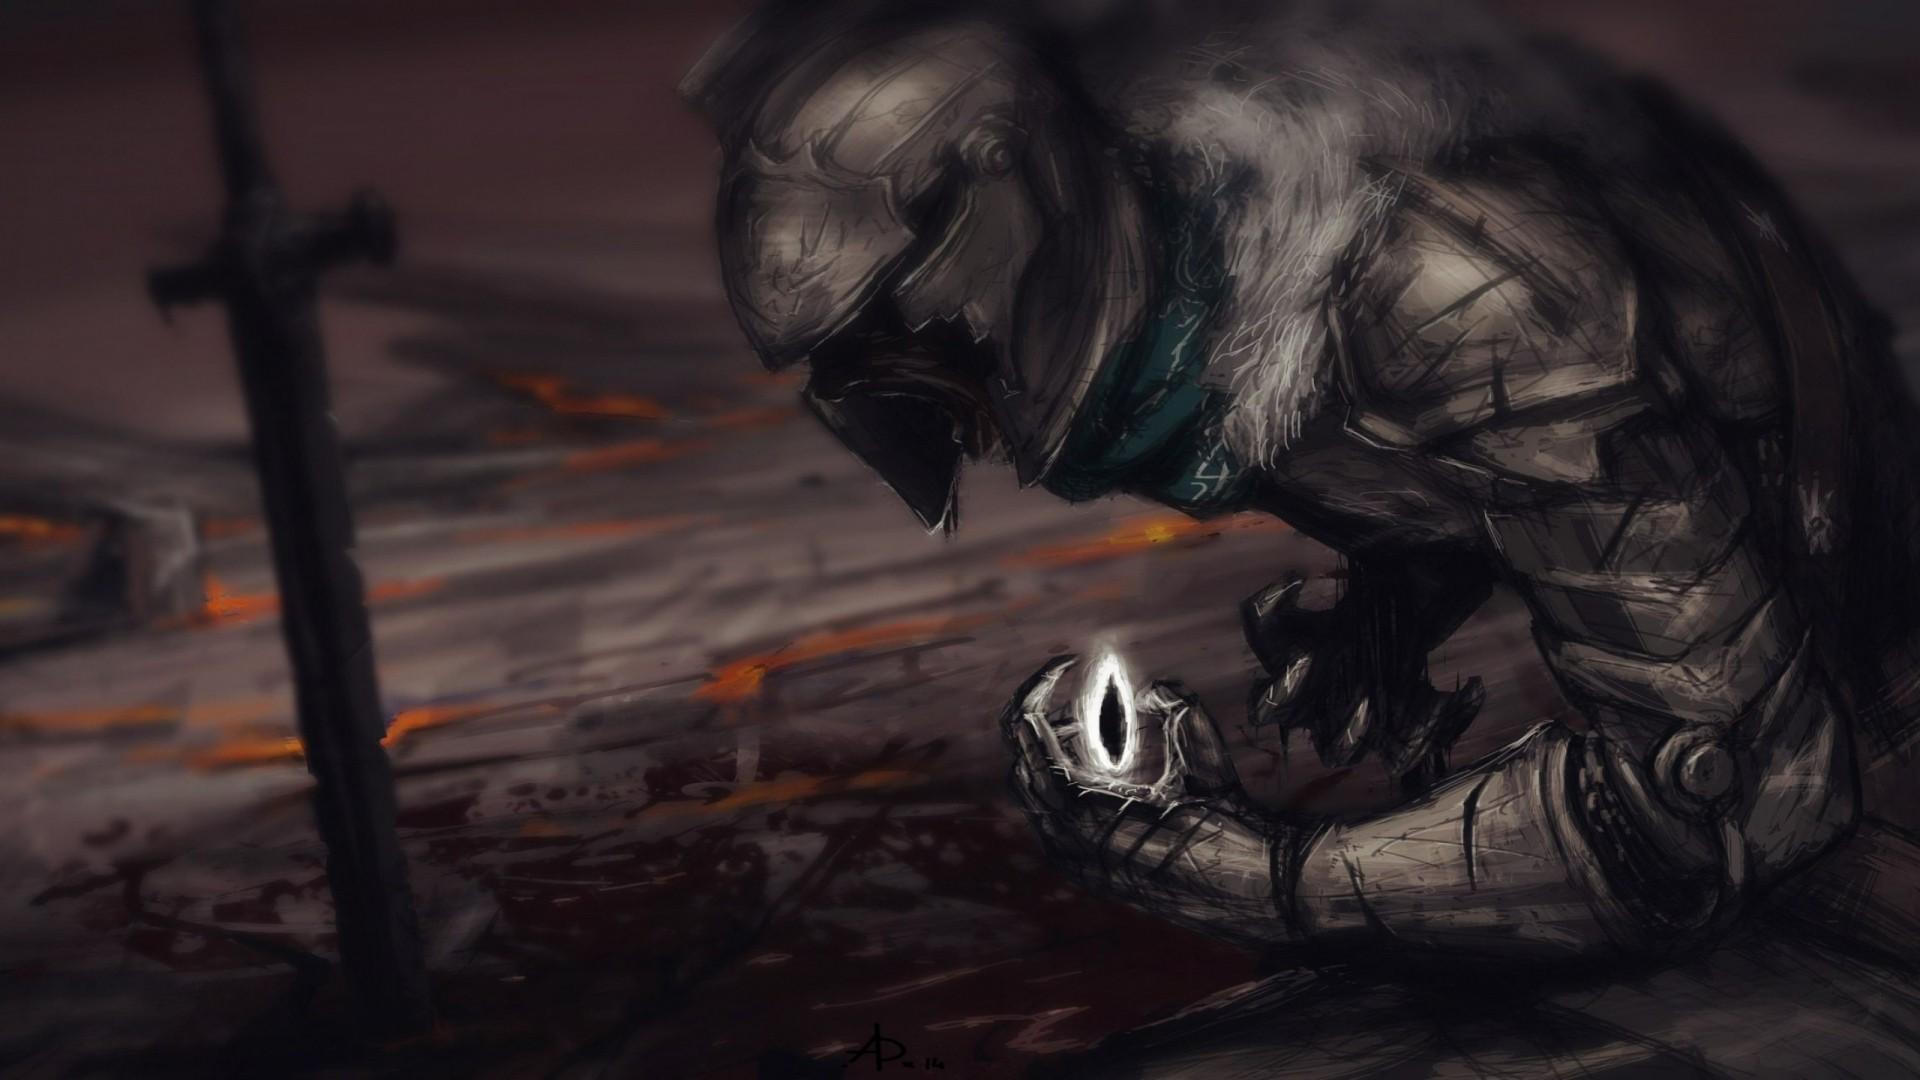 Wallpaper Digital Art Video Games Dark Knight Dark